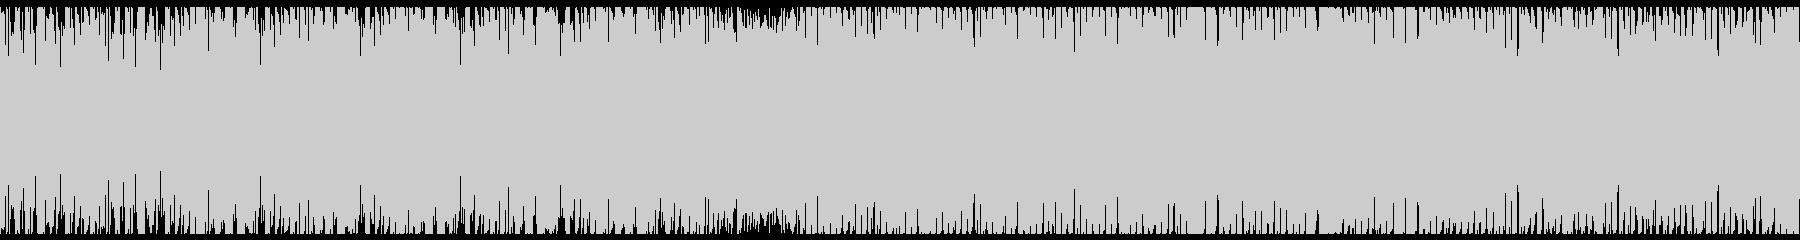 空中戦をイメージしたドラムンベースの未再生の波形